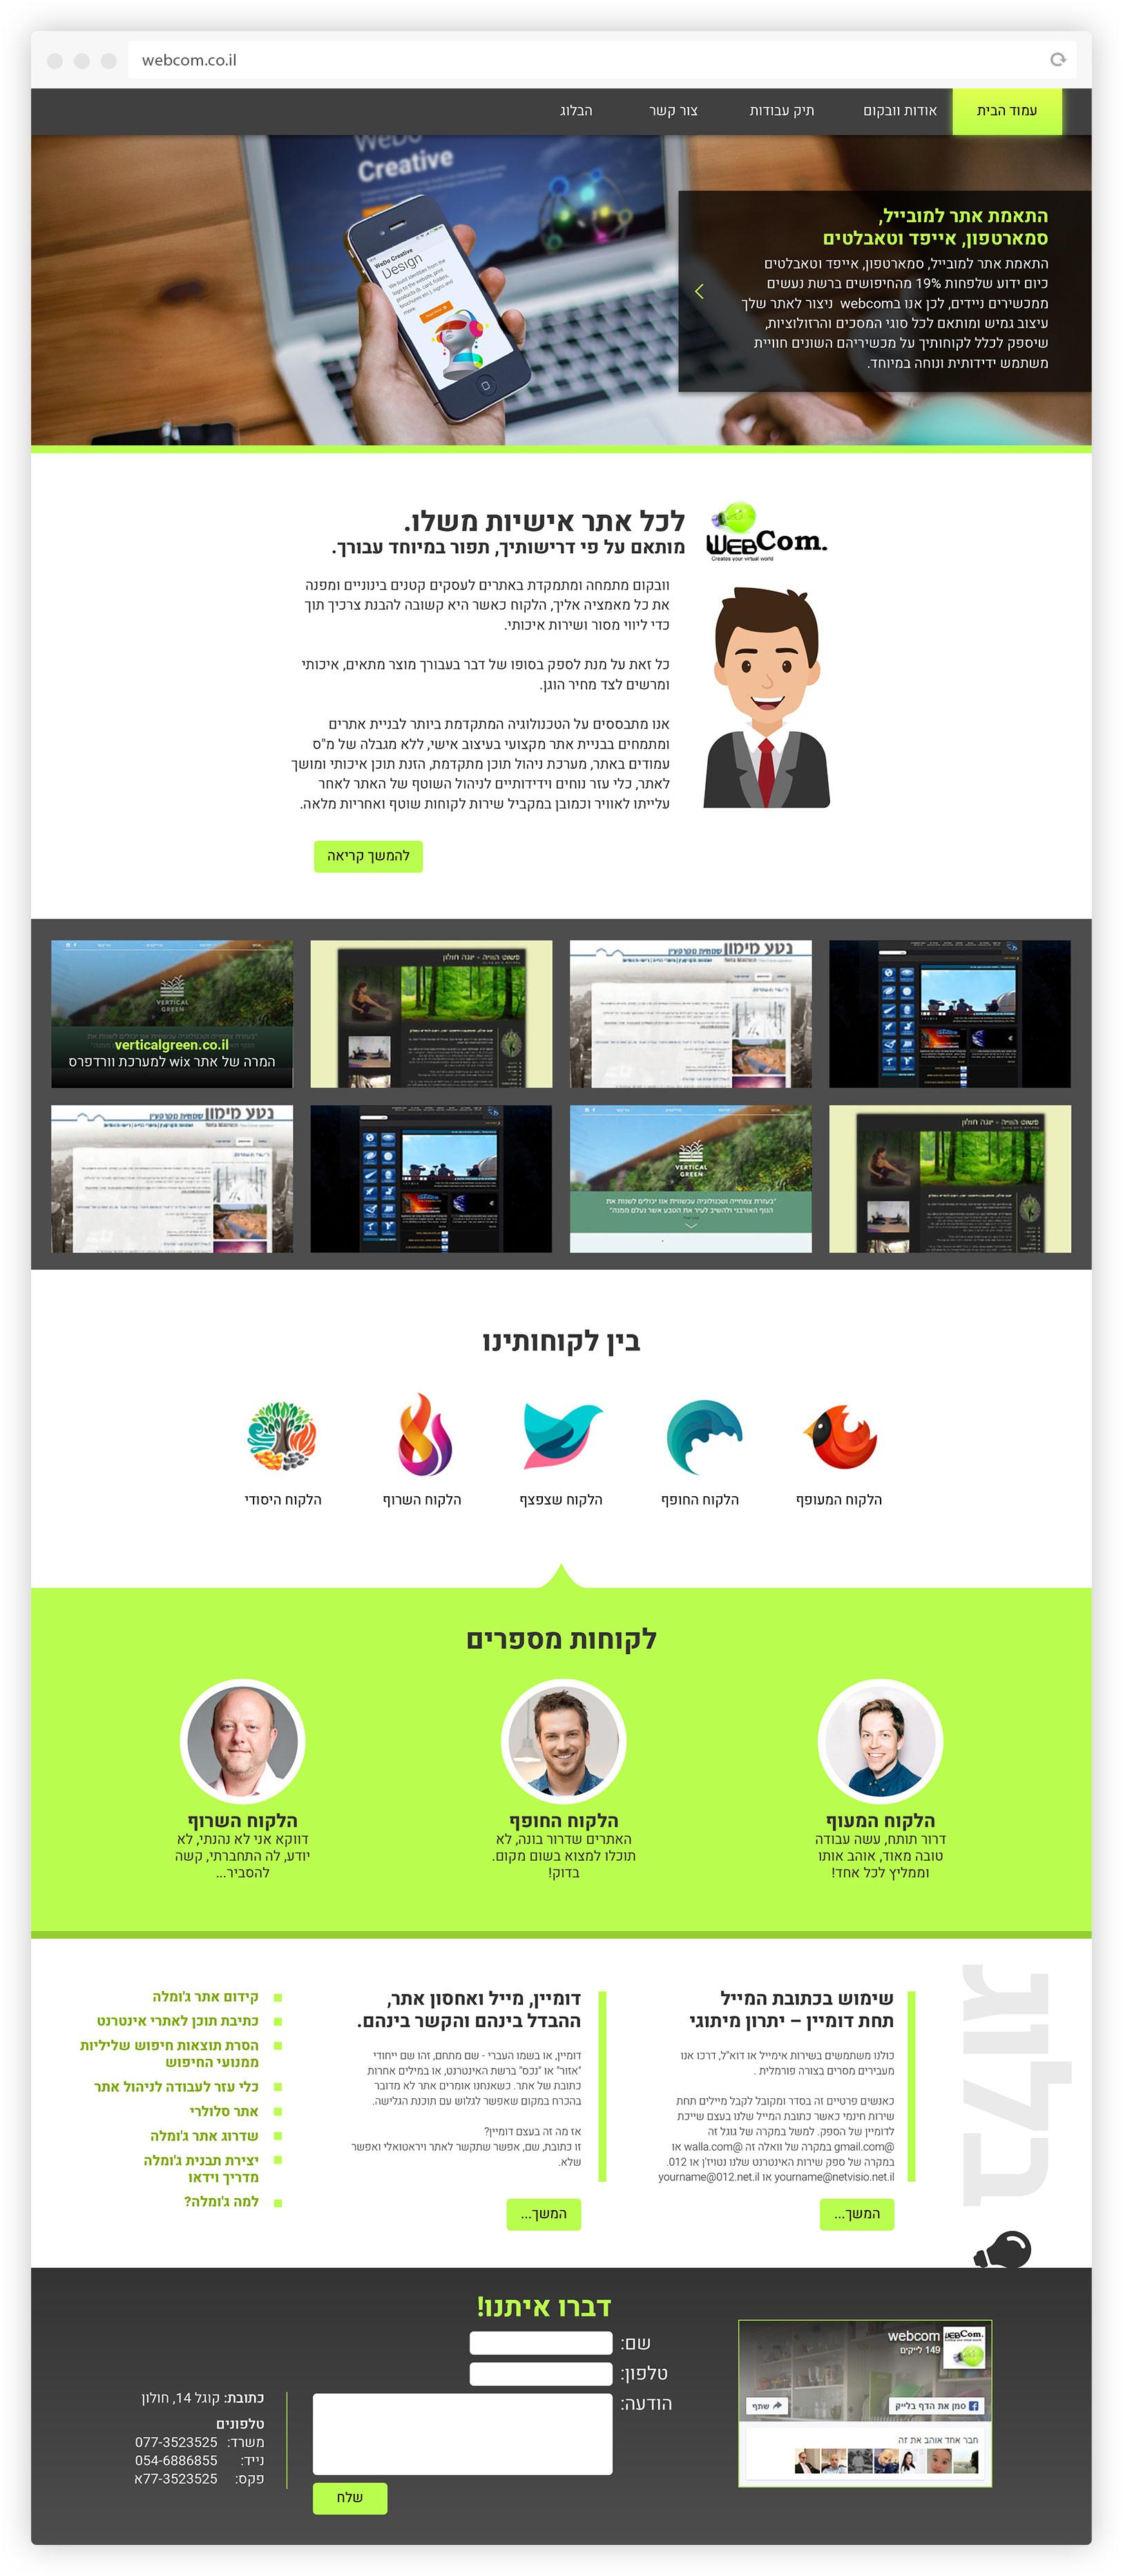 עיצוב אתר עבור WebCom